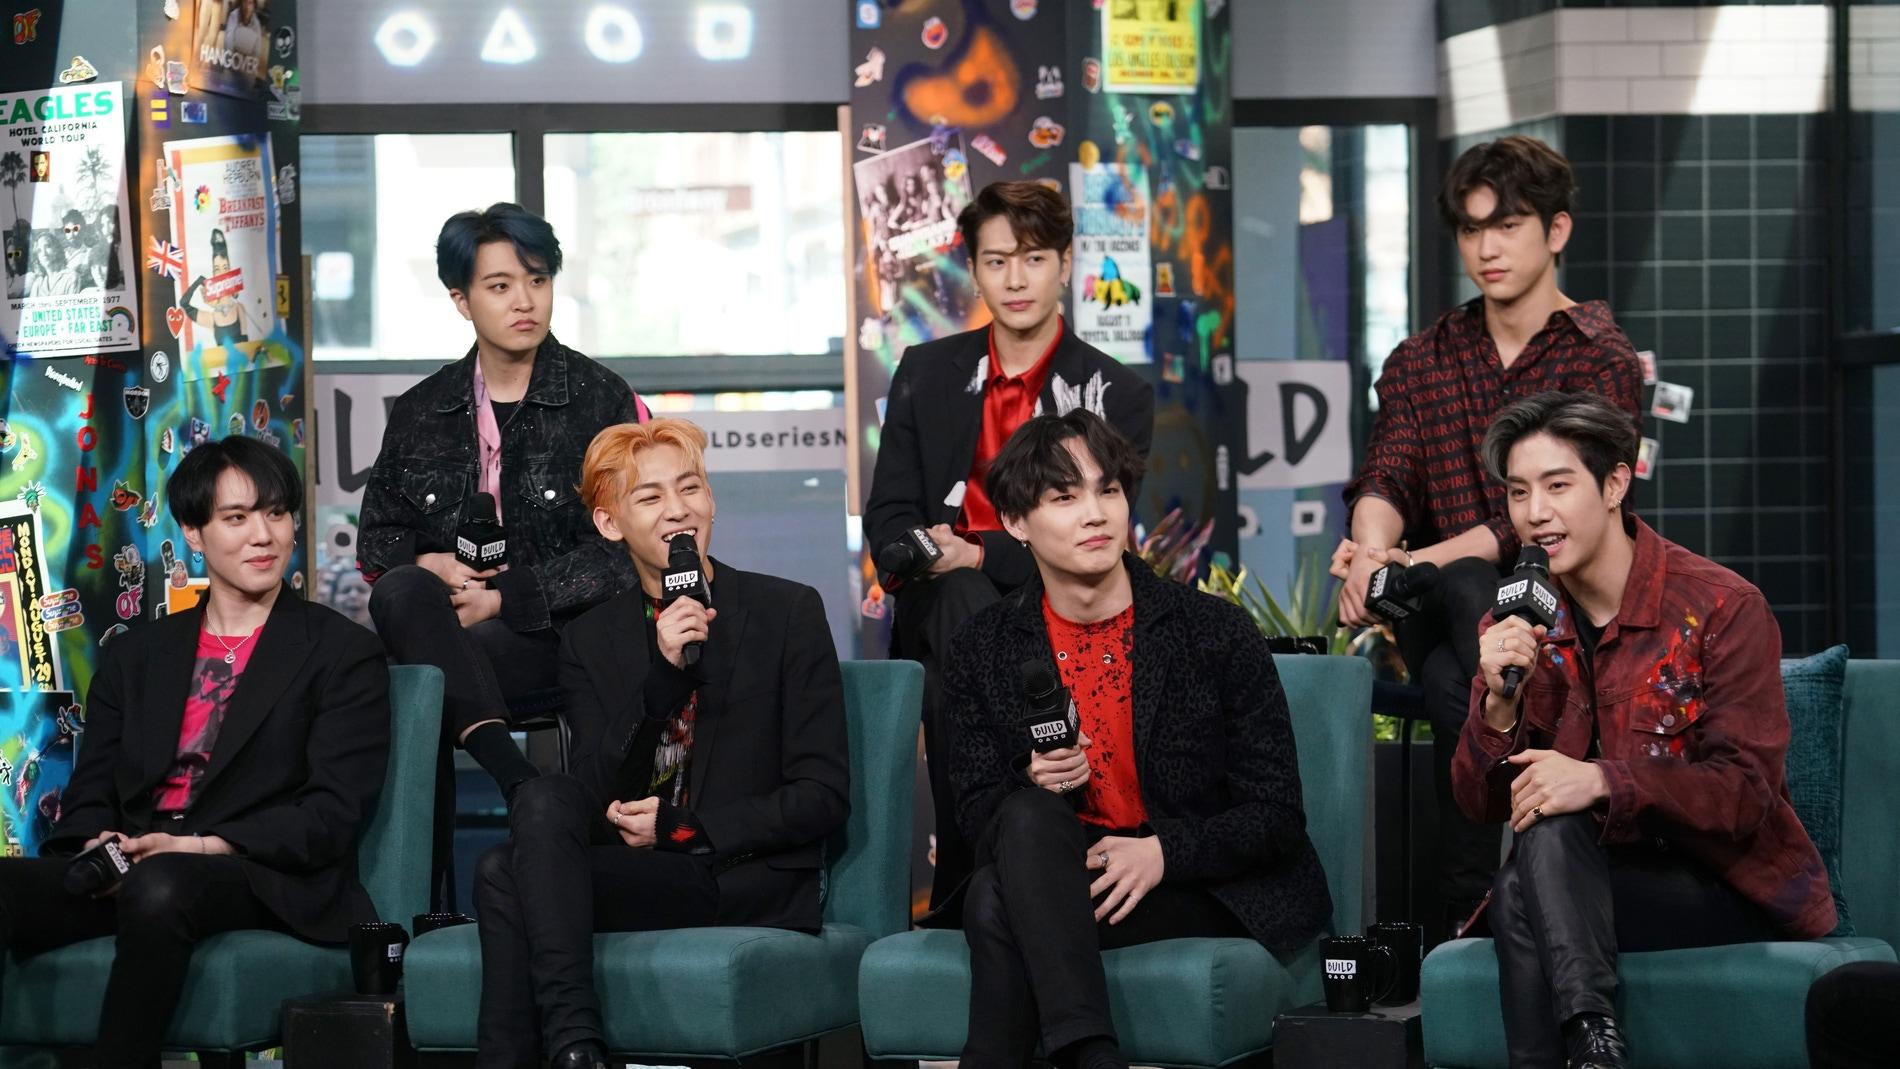 GOT7, una de las bandas más influyentes del K-pop